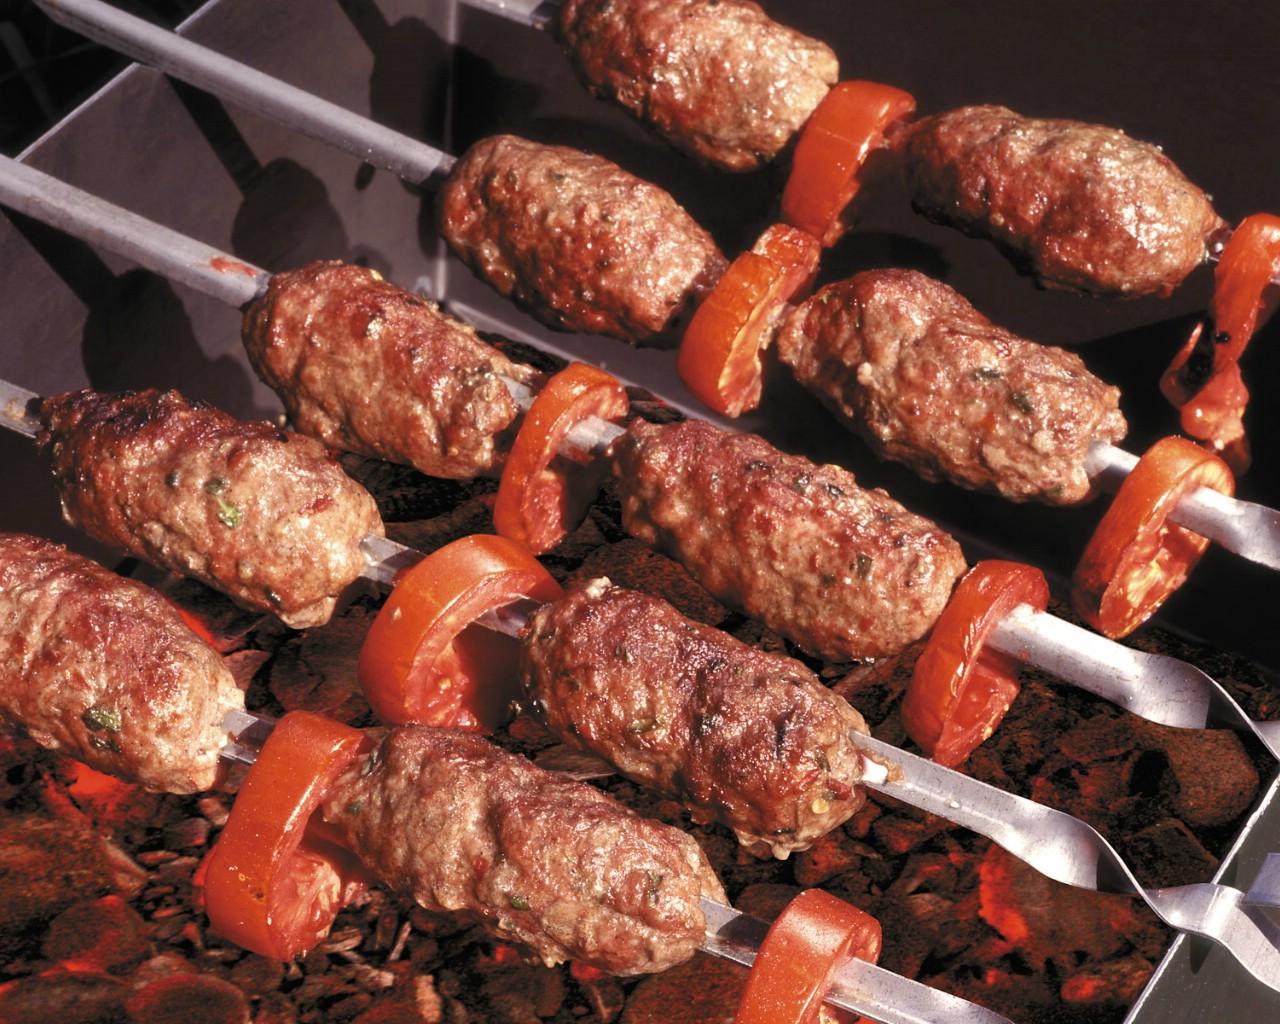 壁纸1280×1024美味烧烤 5 6壁纸 美味烧烤壁纸图片美食壁纸美食图片素材桌面壁纸